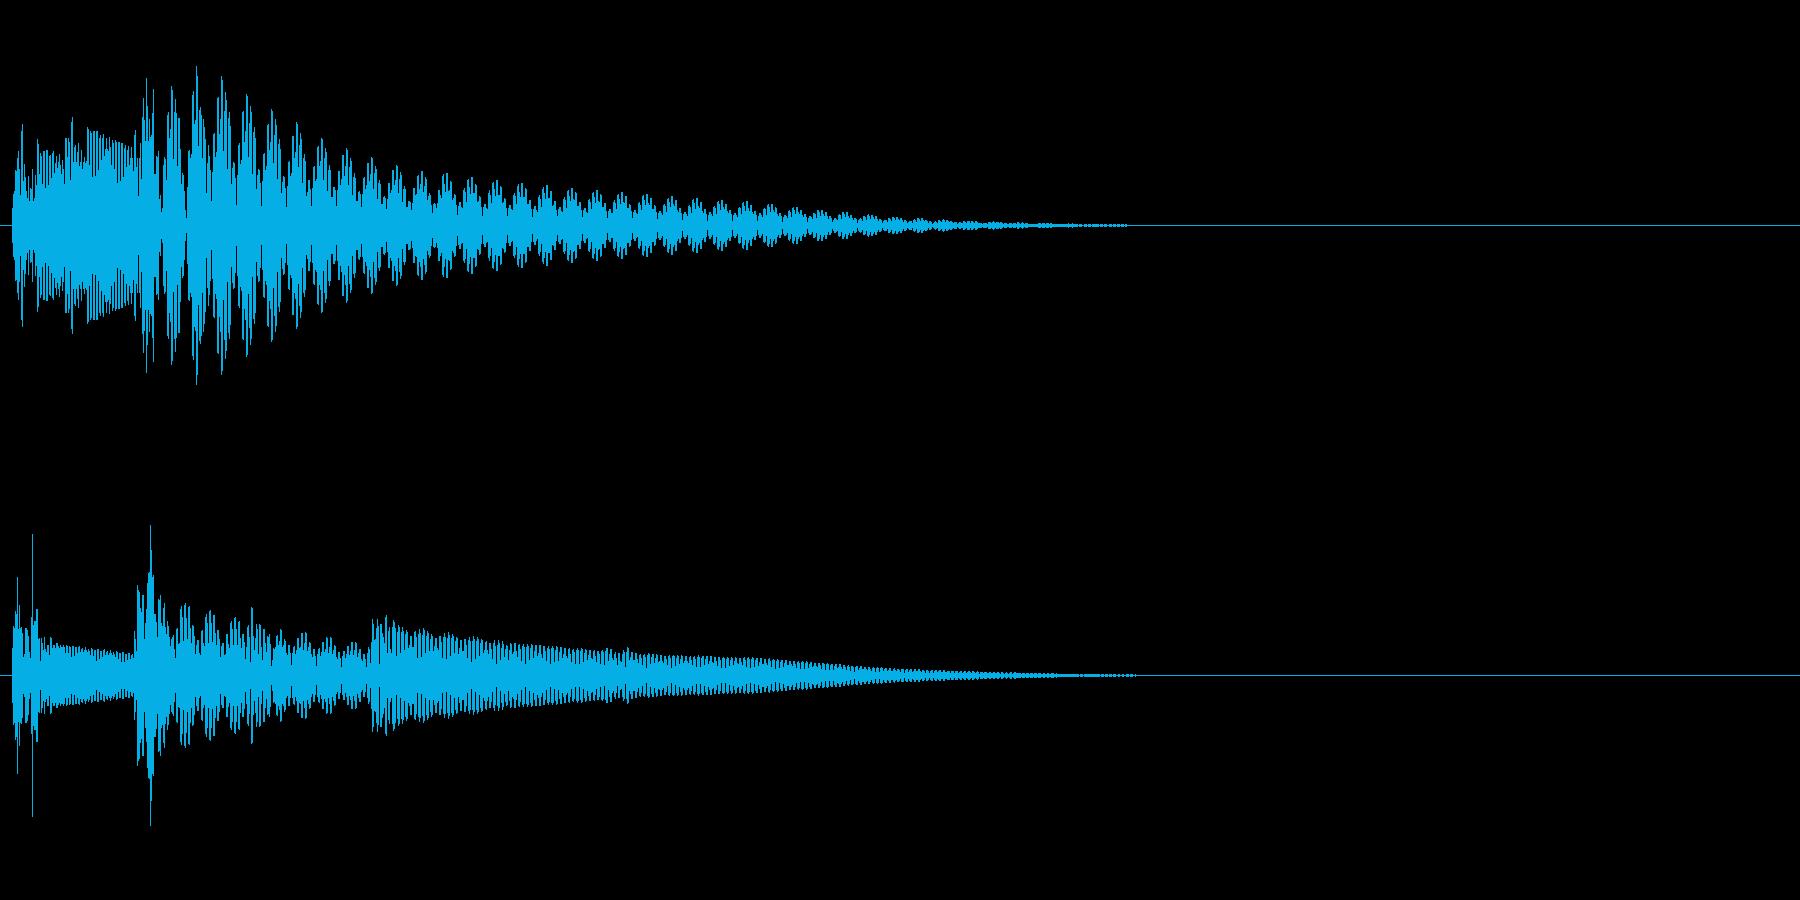 タタン(キャンセル音・戻る音)の再生済みの波形